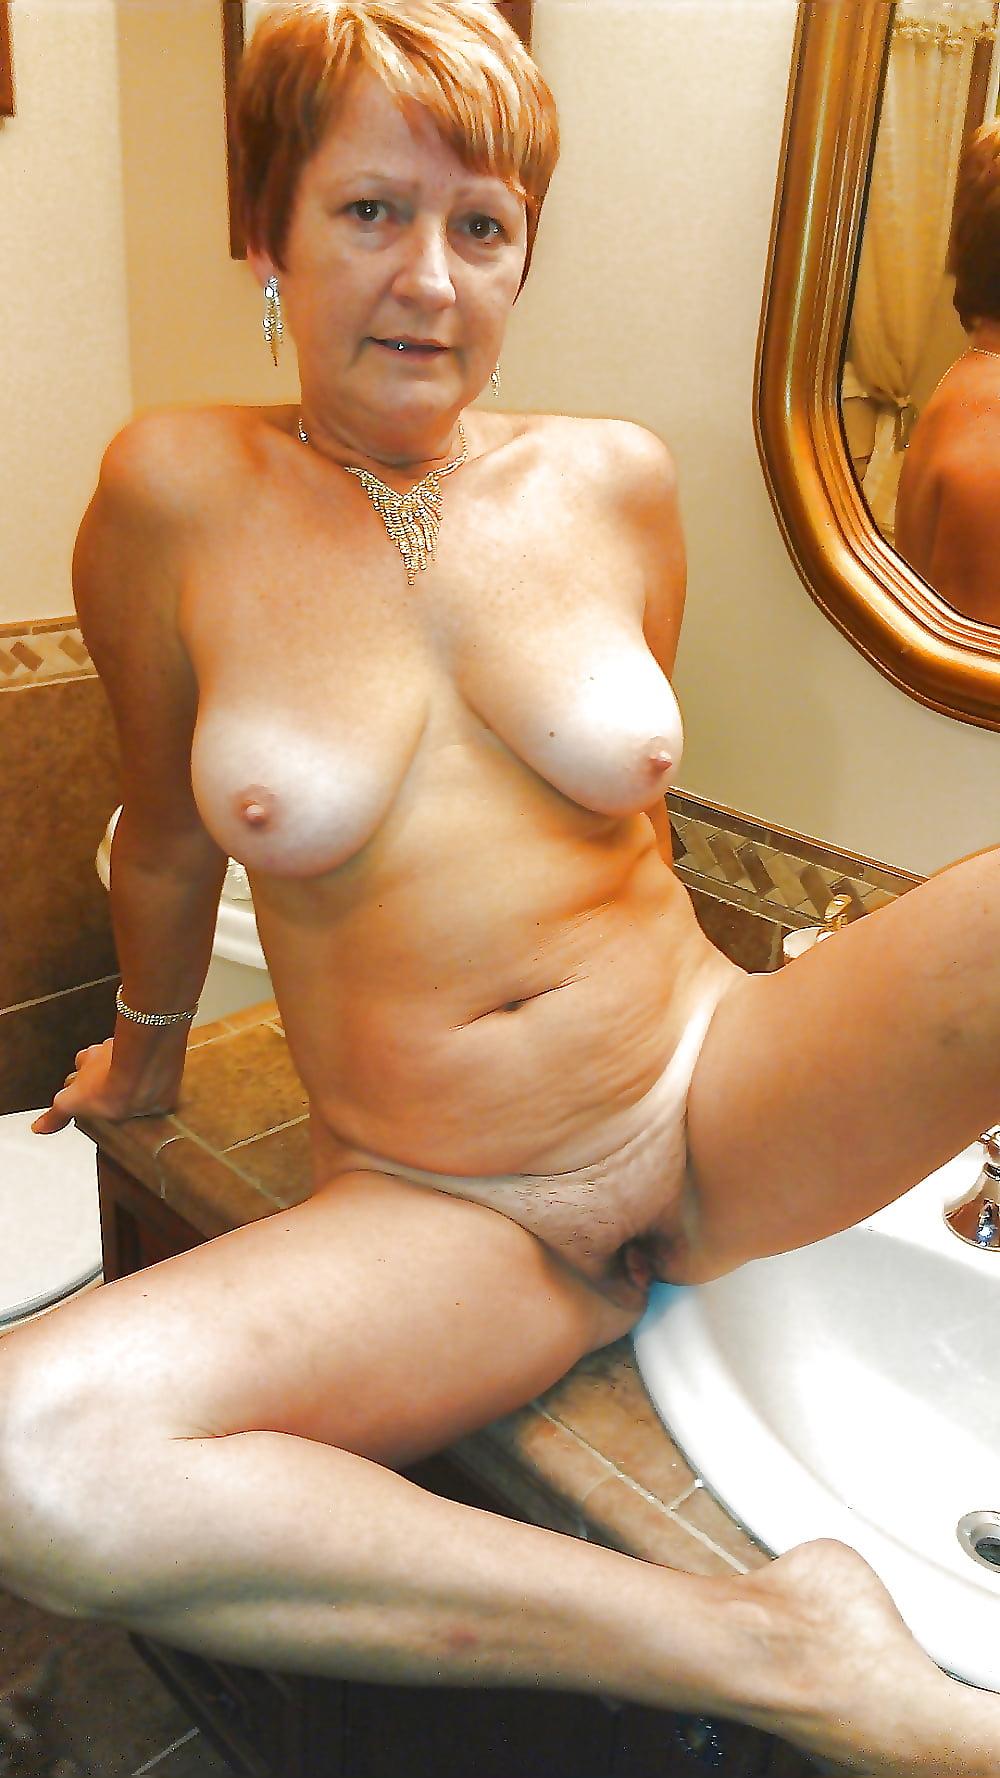 mature-nude-older-women-selfie